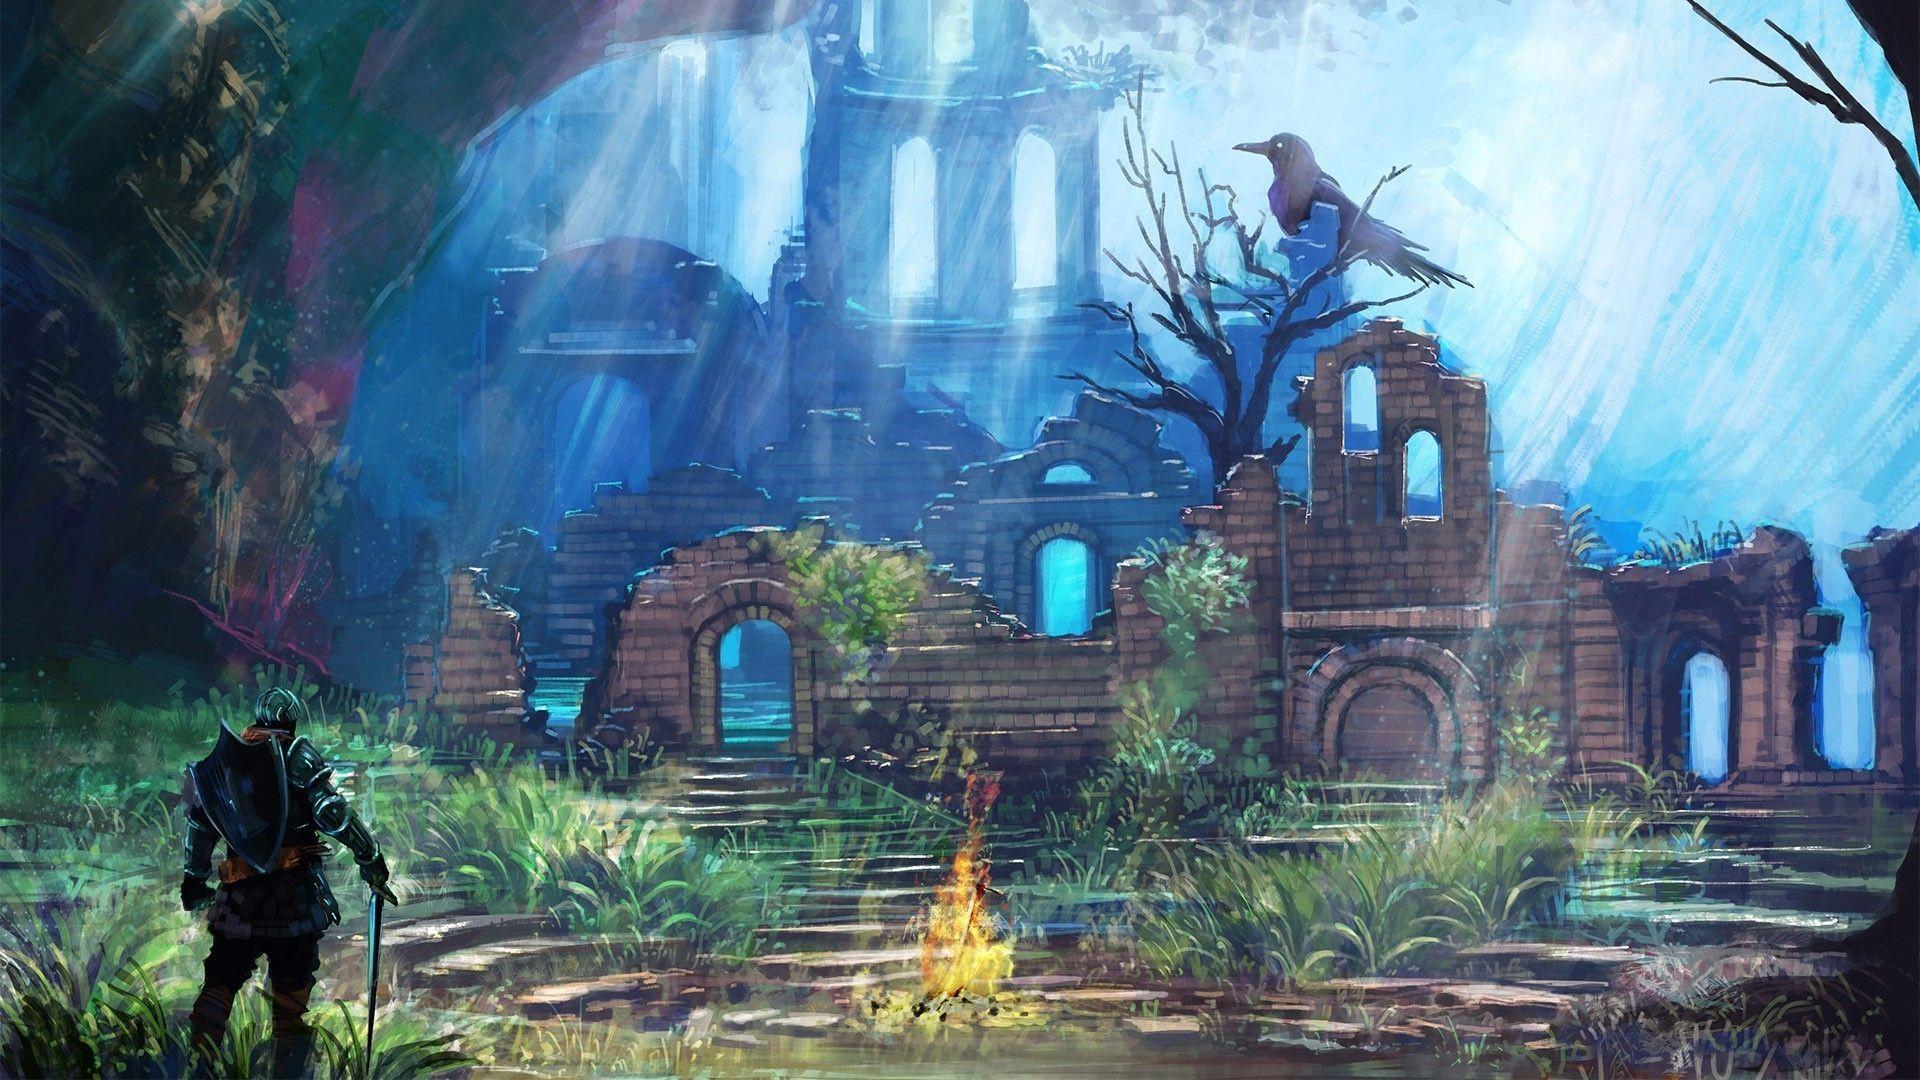 Dark Souls Wallpaper High Resolution